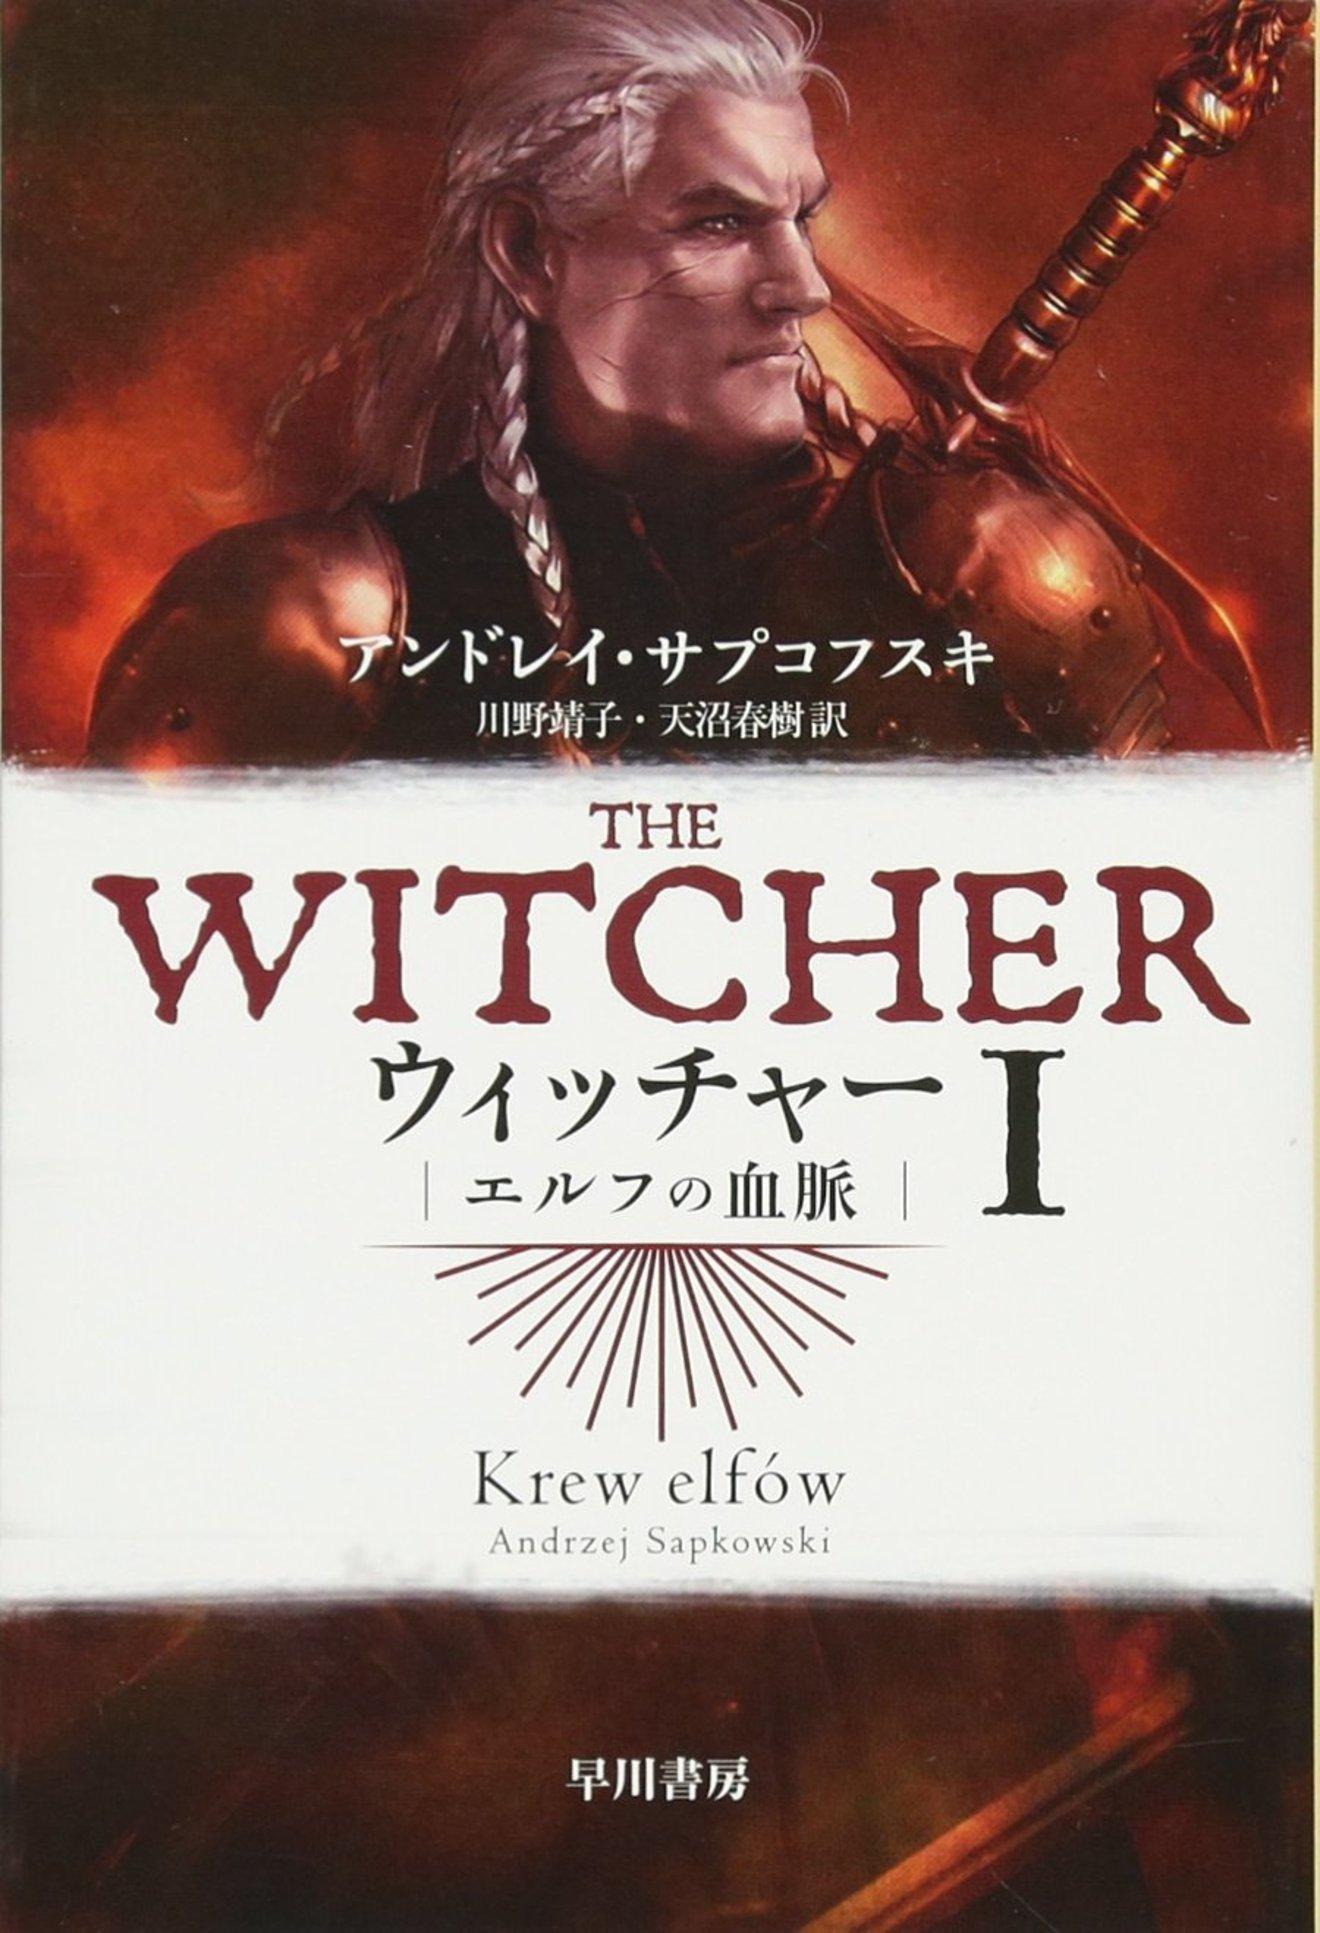 ゲームの原作小説『ウィッチャー』シリーズを全巻ネタバレ解説!ドラマ化!